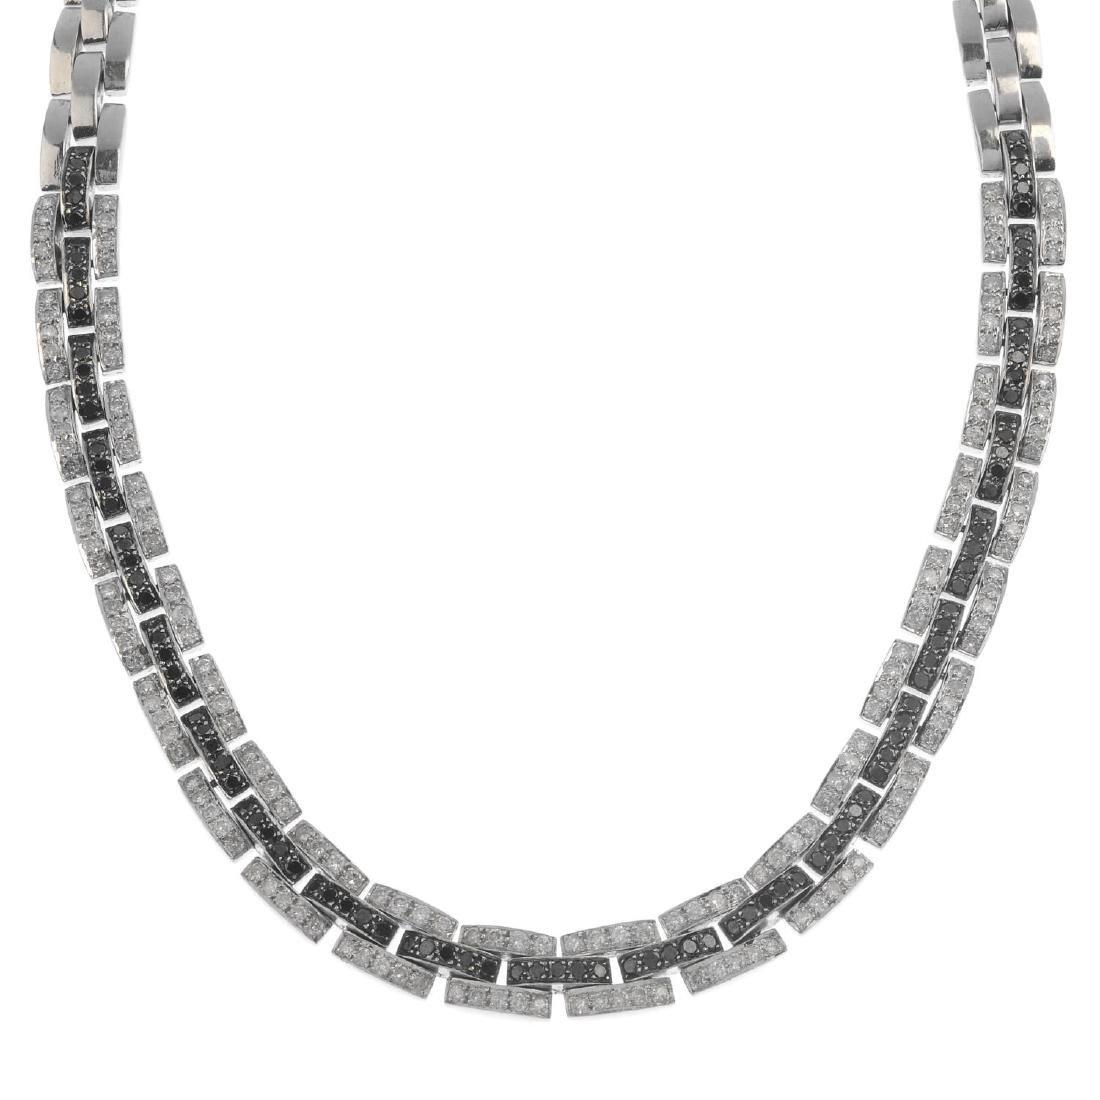 A diamond and gem-set necklace. Designed as a